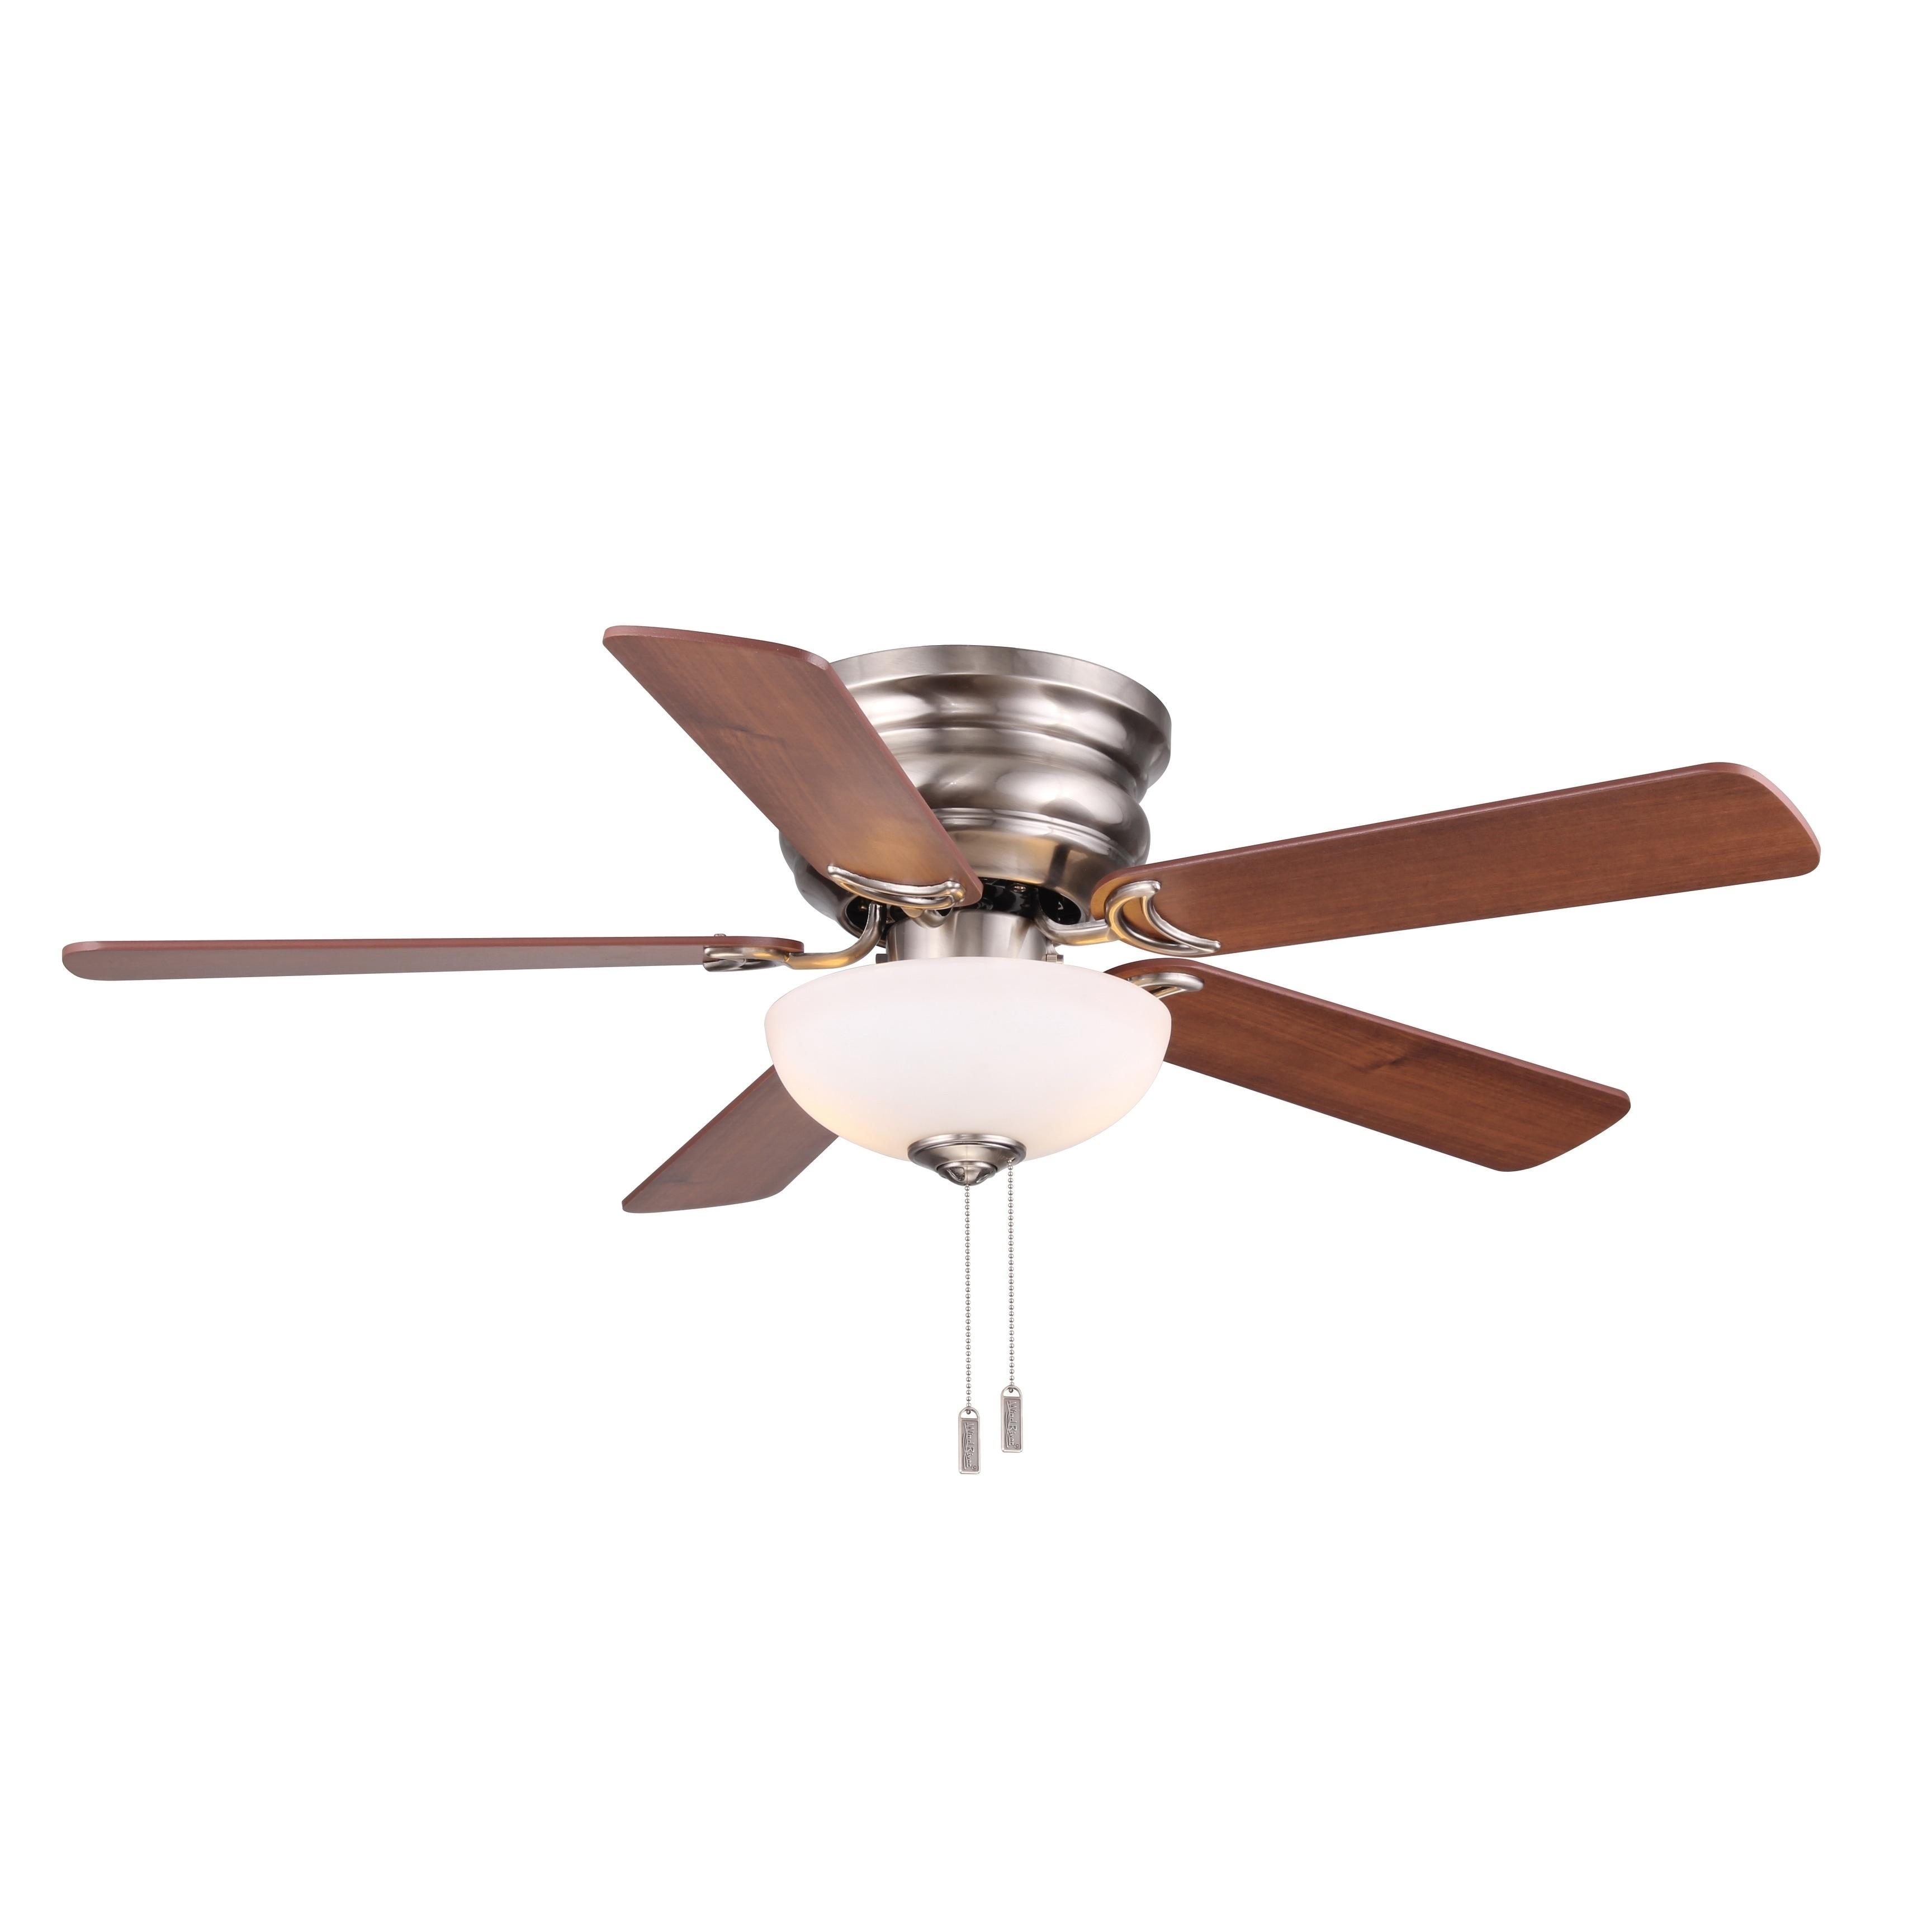 Image of: Shop Black Friday Deals On Frisco 44 Flush Mount Ceiling Fan Overstock 20717783